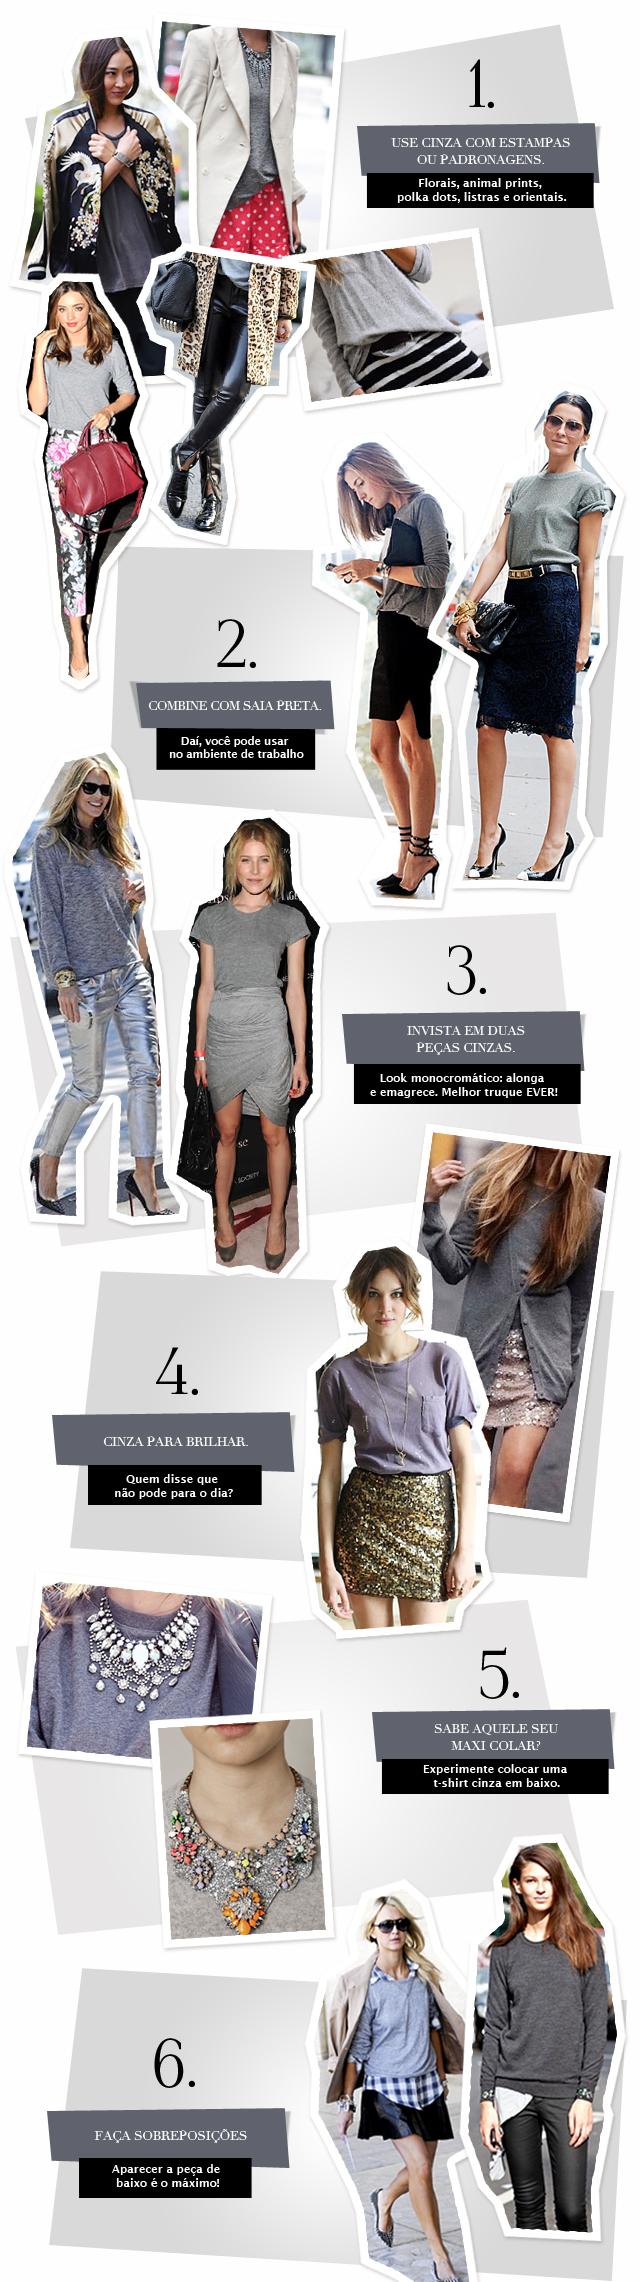 blog-da-alice-ferraz-truque-do-dia-camiseta-cinza (1)